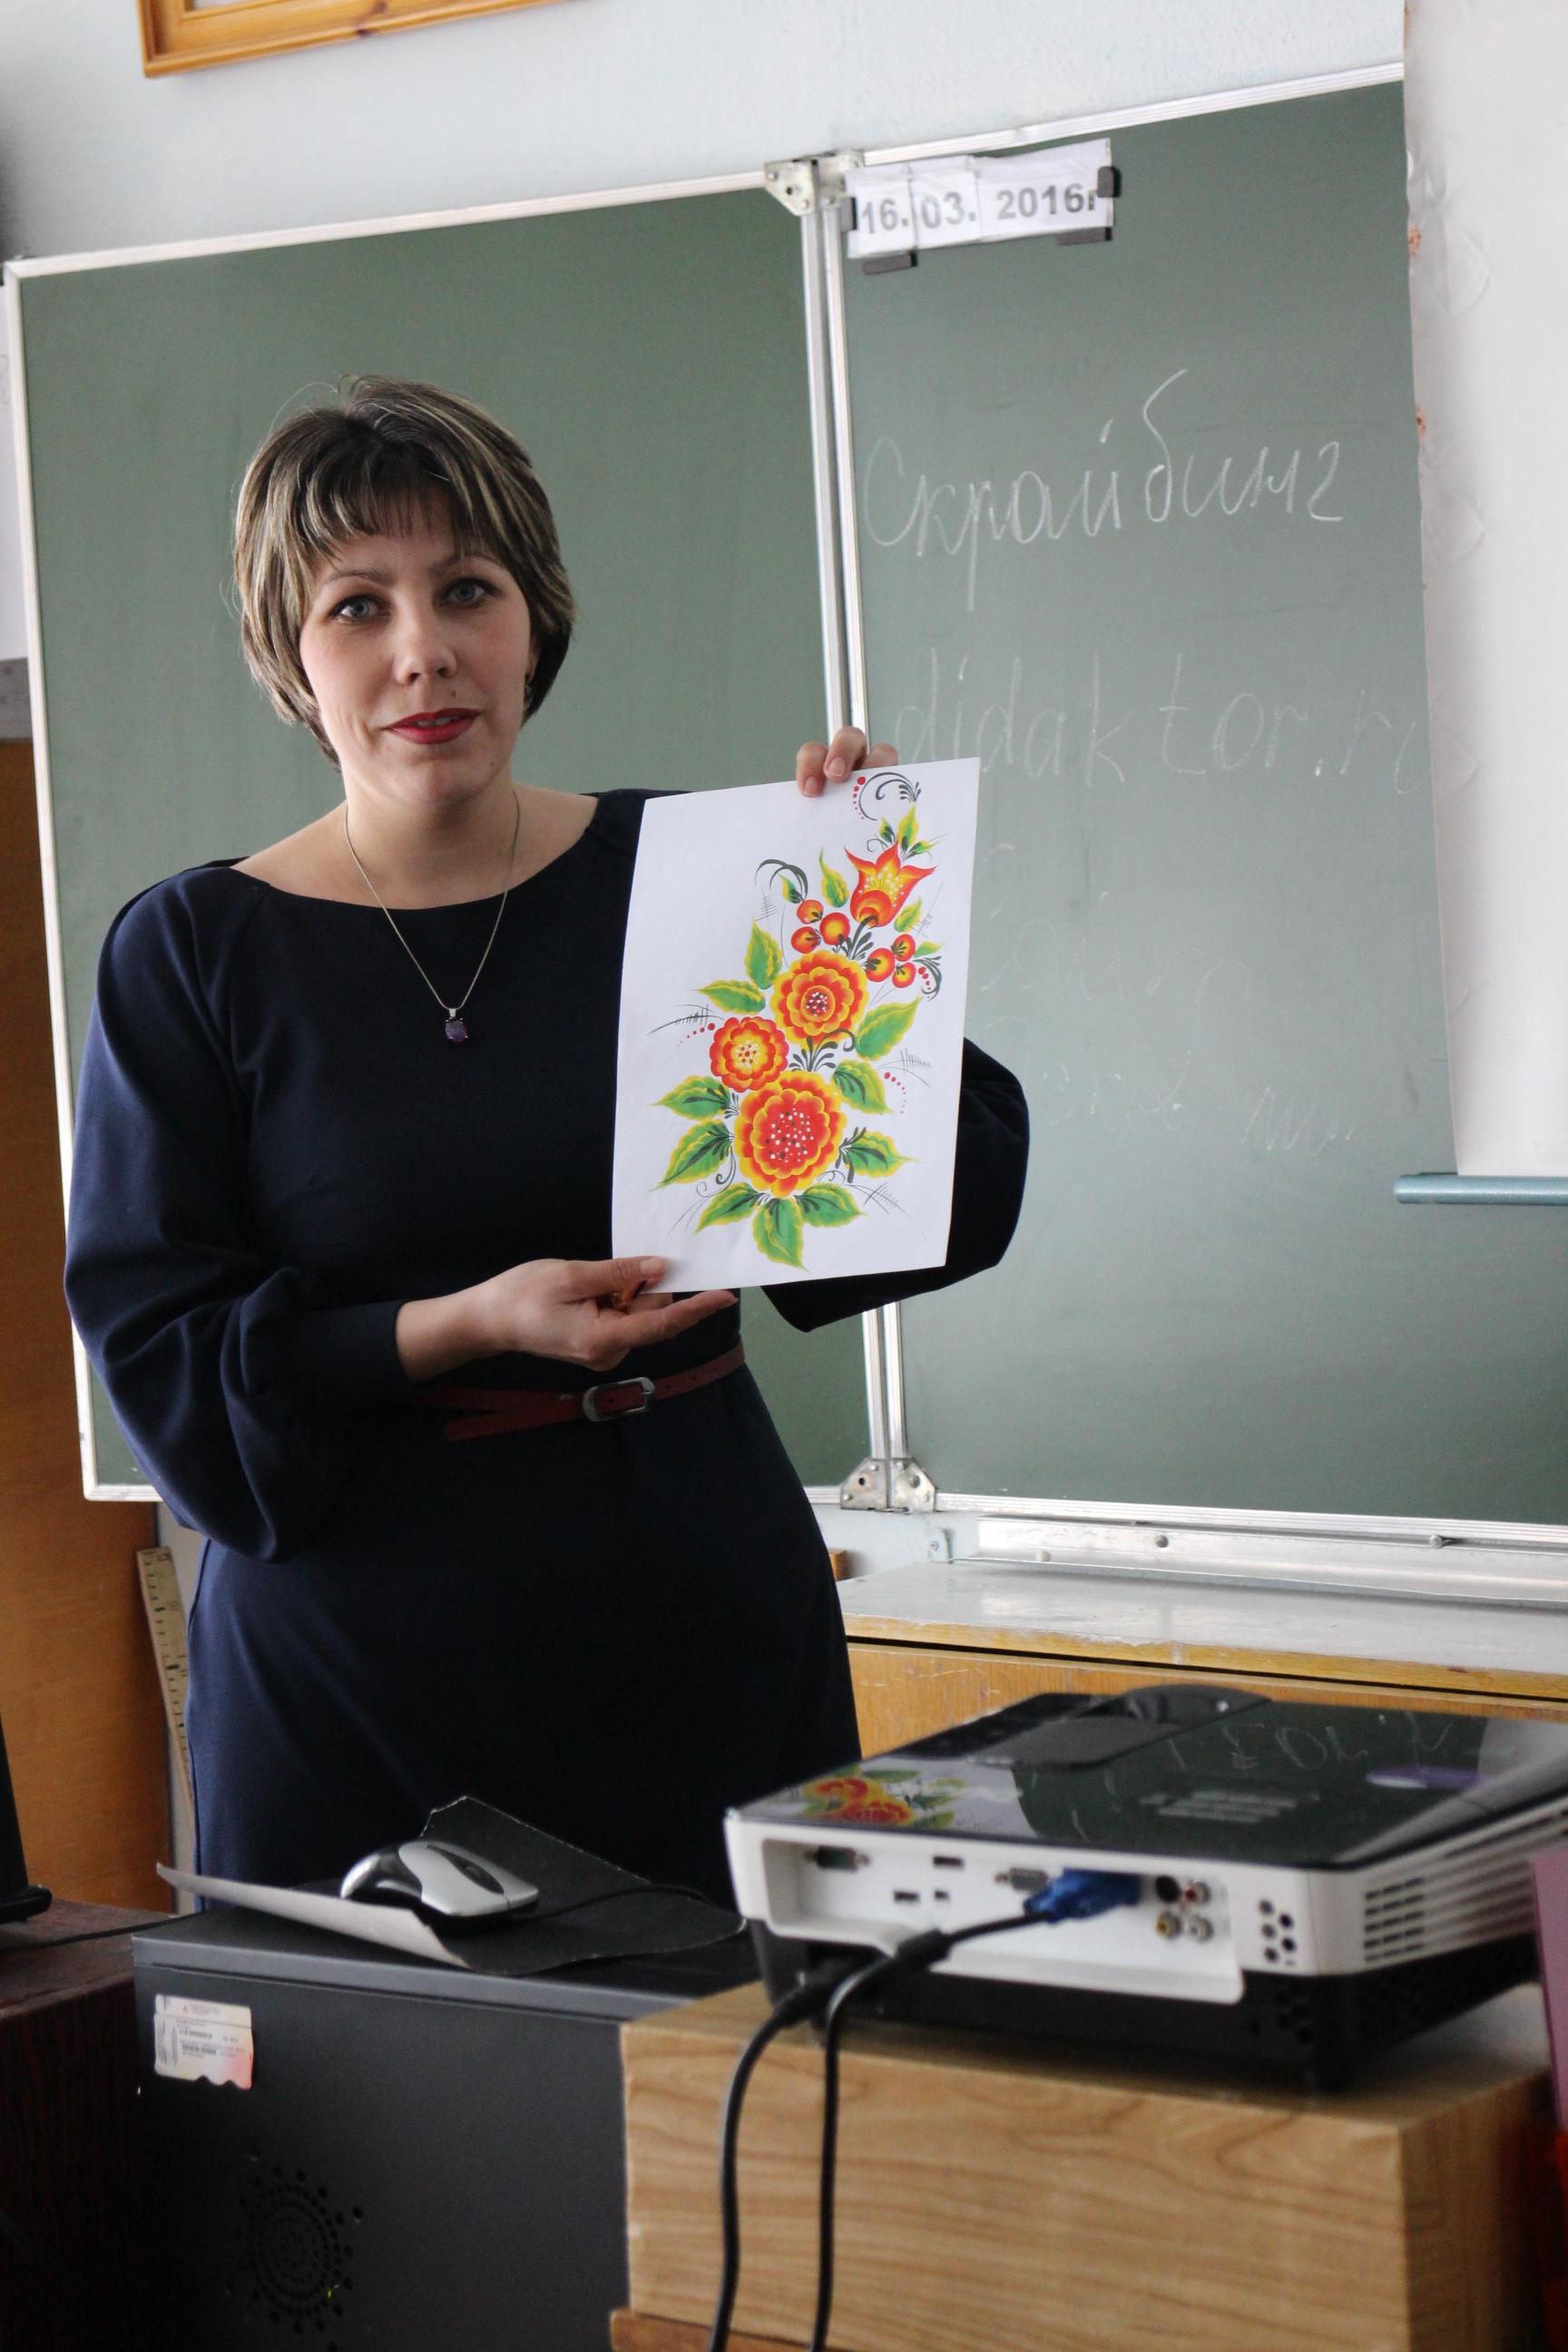 http://mo-izo-anzherka.ucoz.ru/Uchitelya/uchitelja_izo_10.jpg